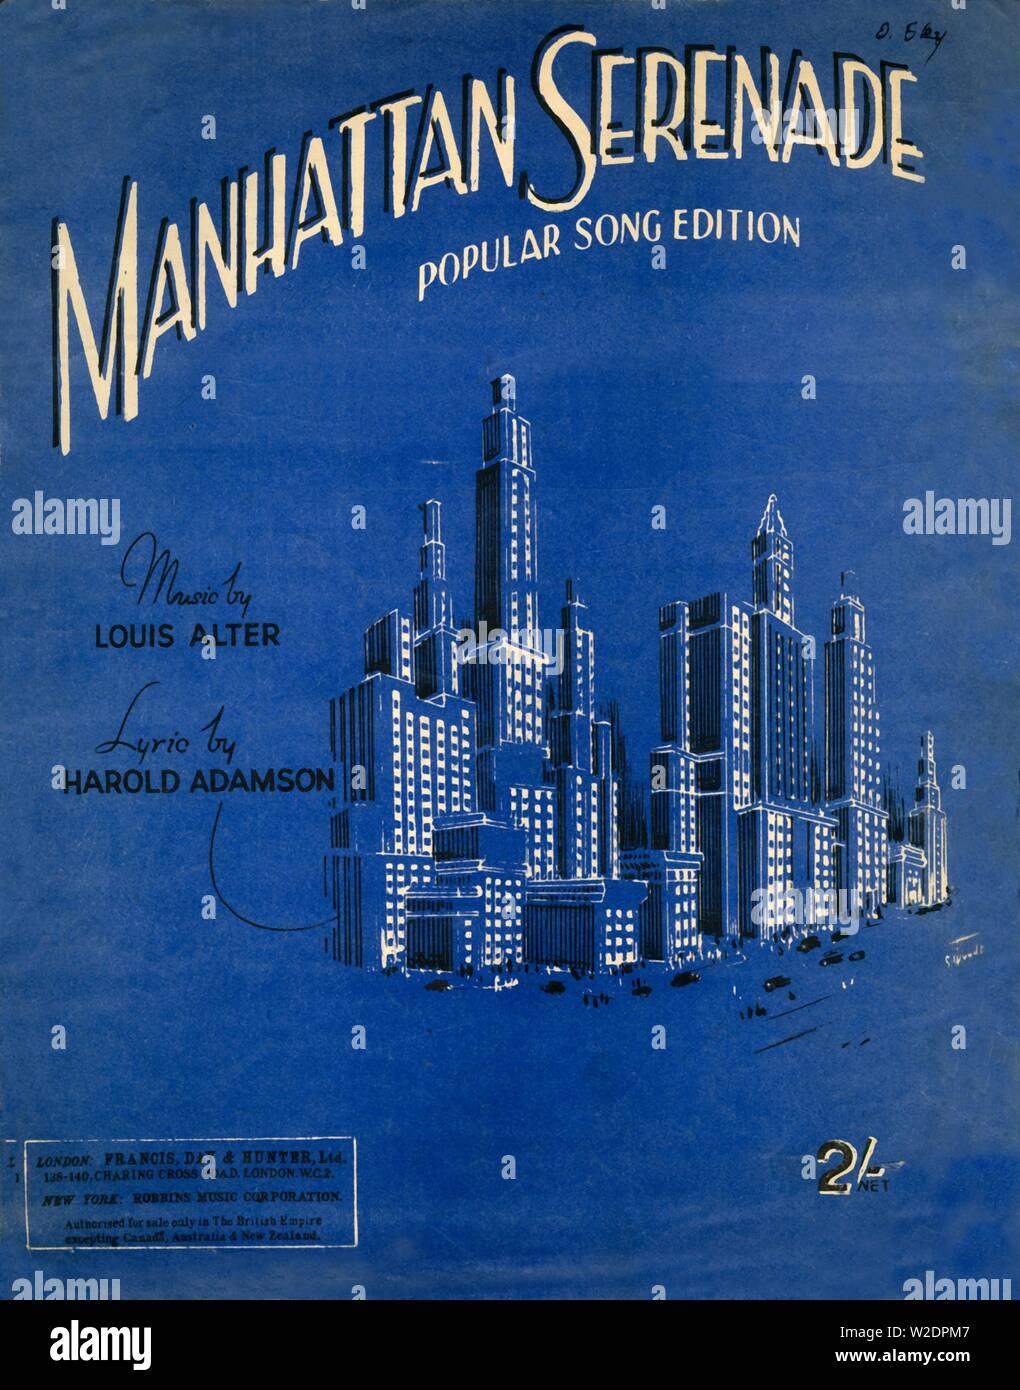 Manhattan Serenade', c1942  Music written by Louis Alter in 1928